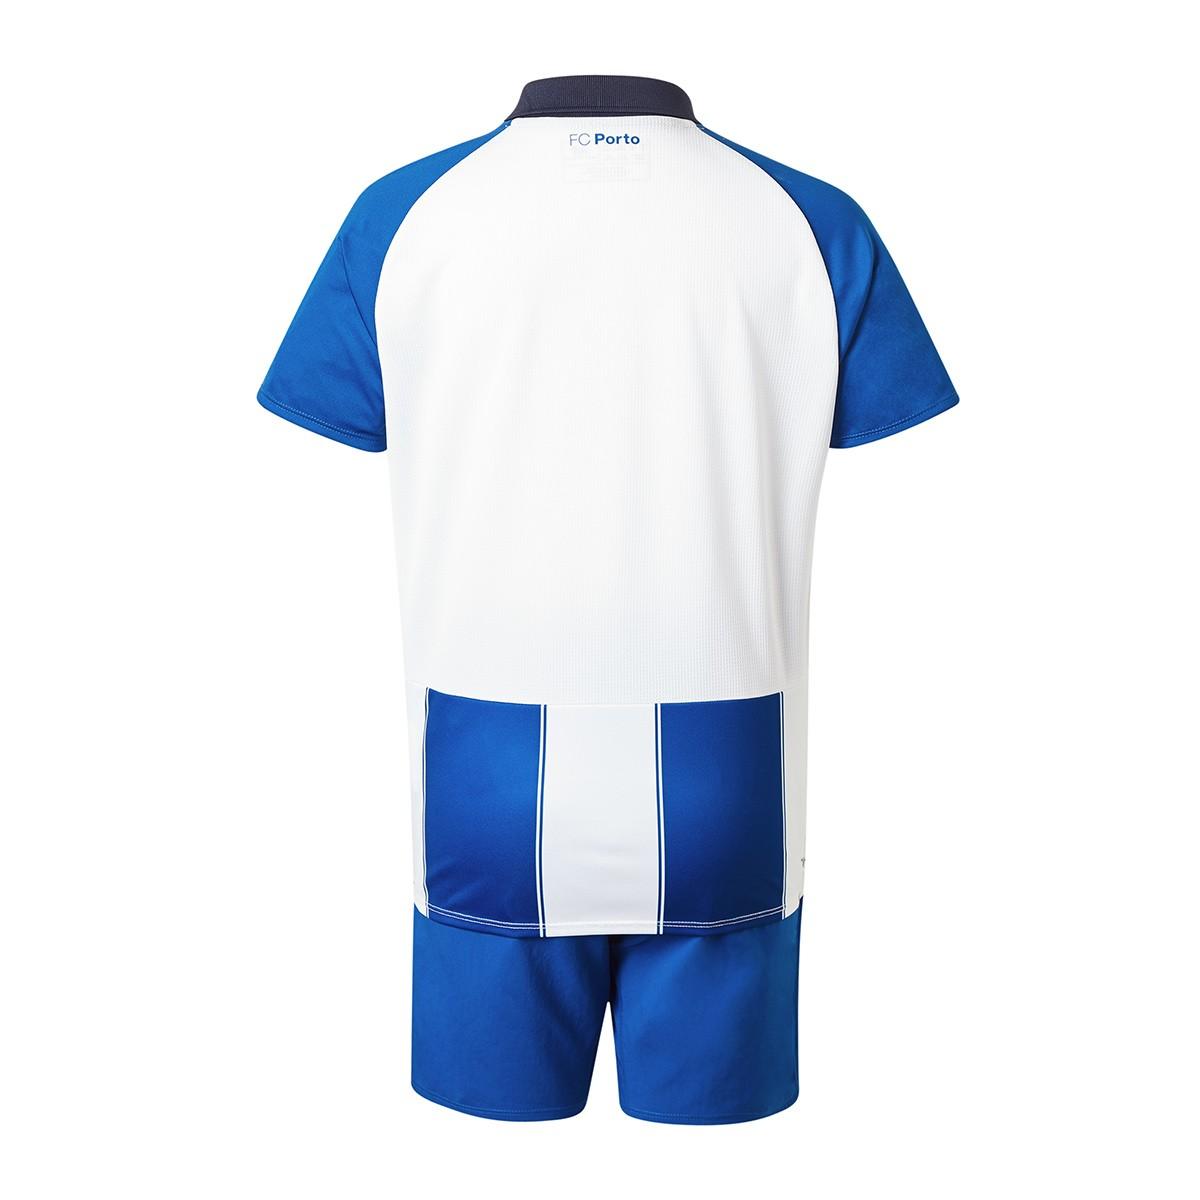 Conjunto New Balance FC Porto Primera Equipación 2018-2019 Niño Azul-Blanco  - Soloporteros es ahora Fútbol Emotion 2ccb0ee4d0de0